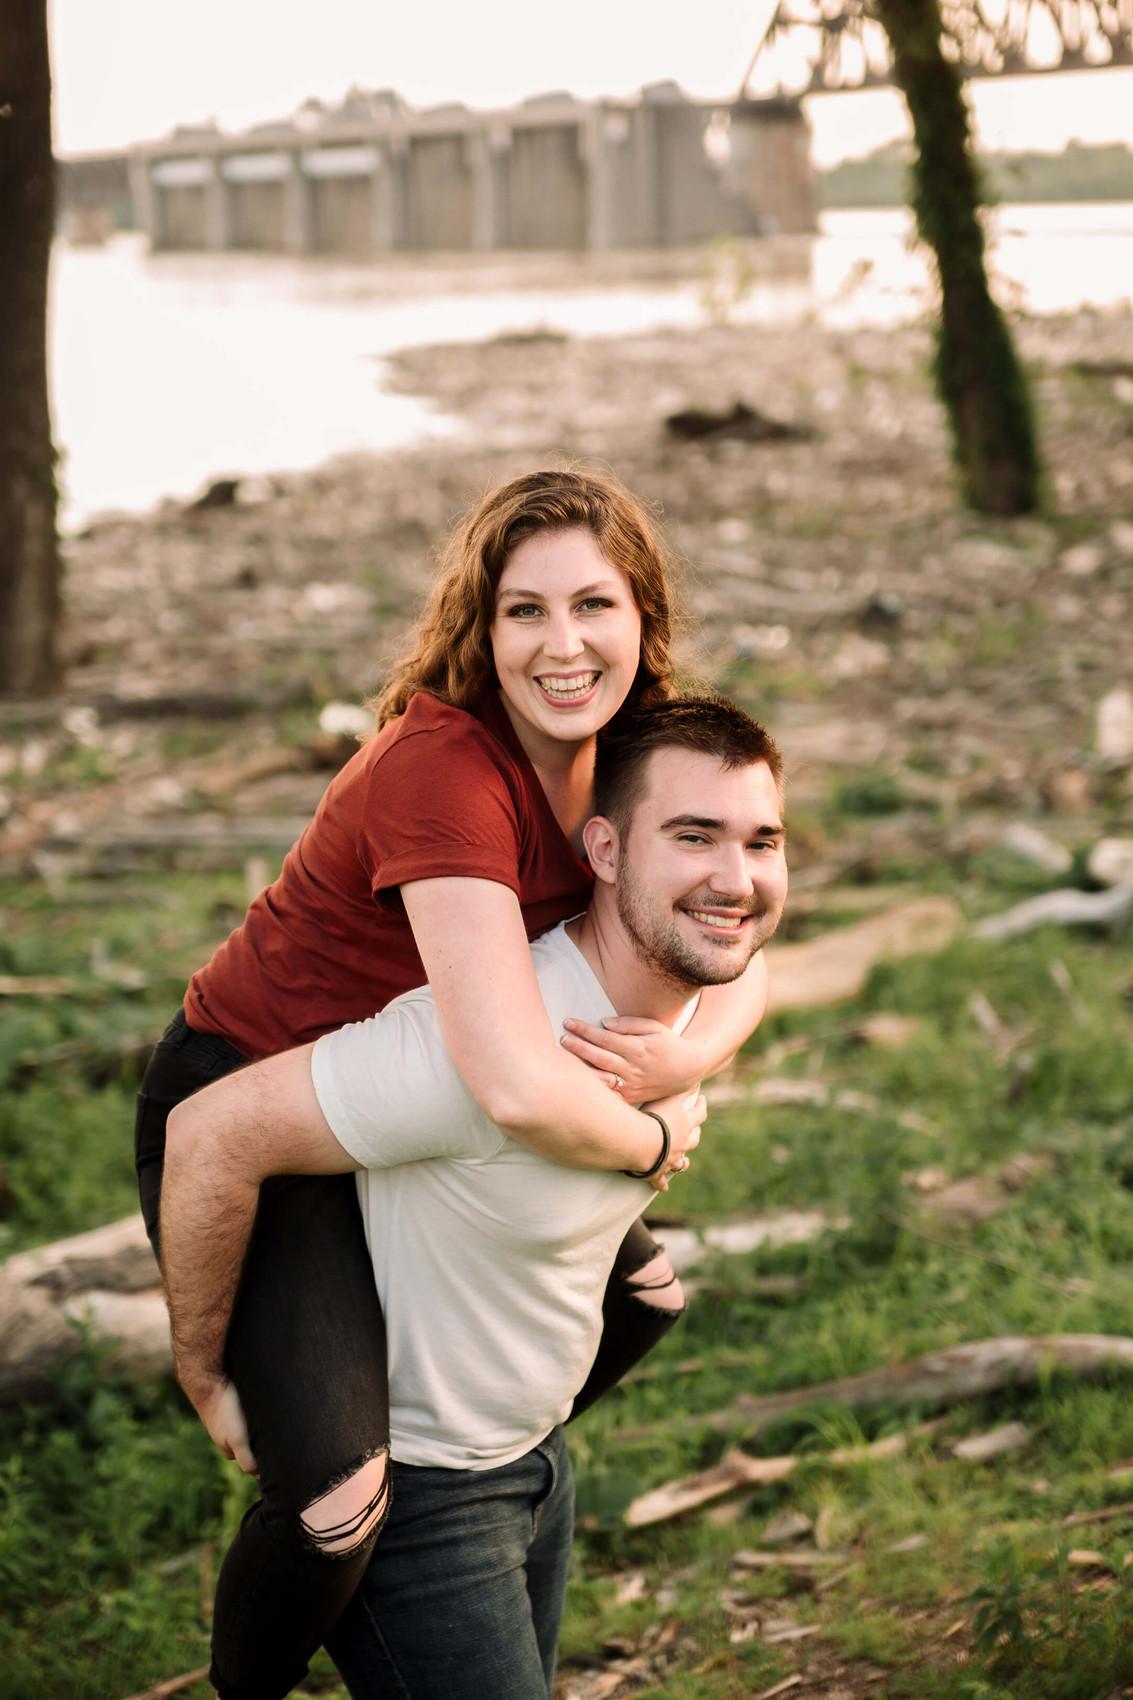 Couples adventure photographer